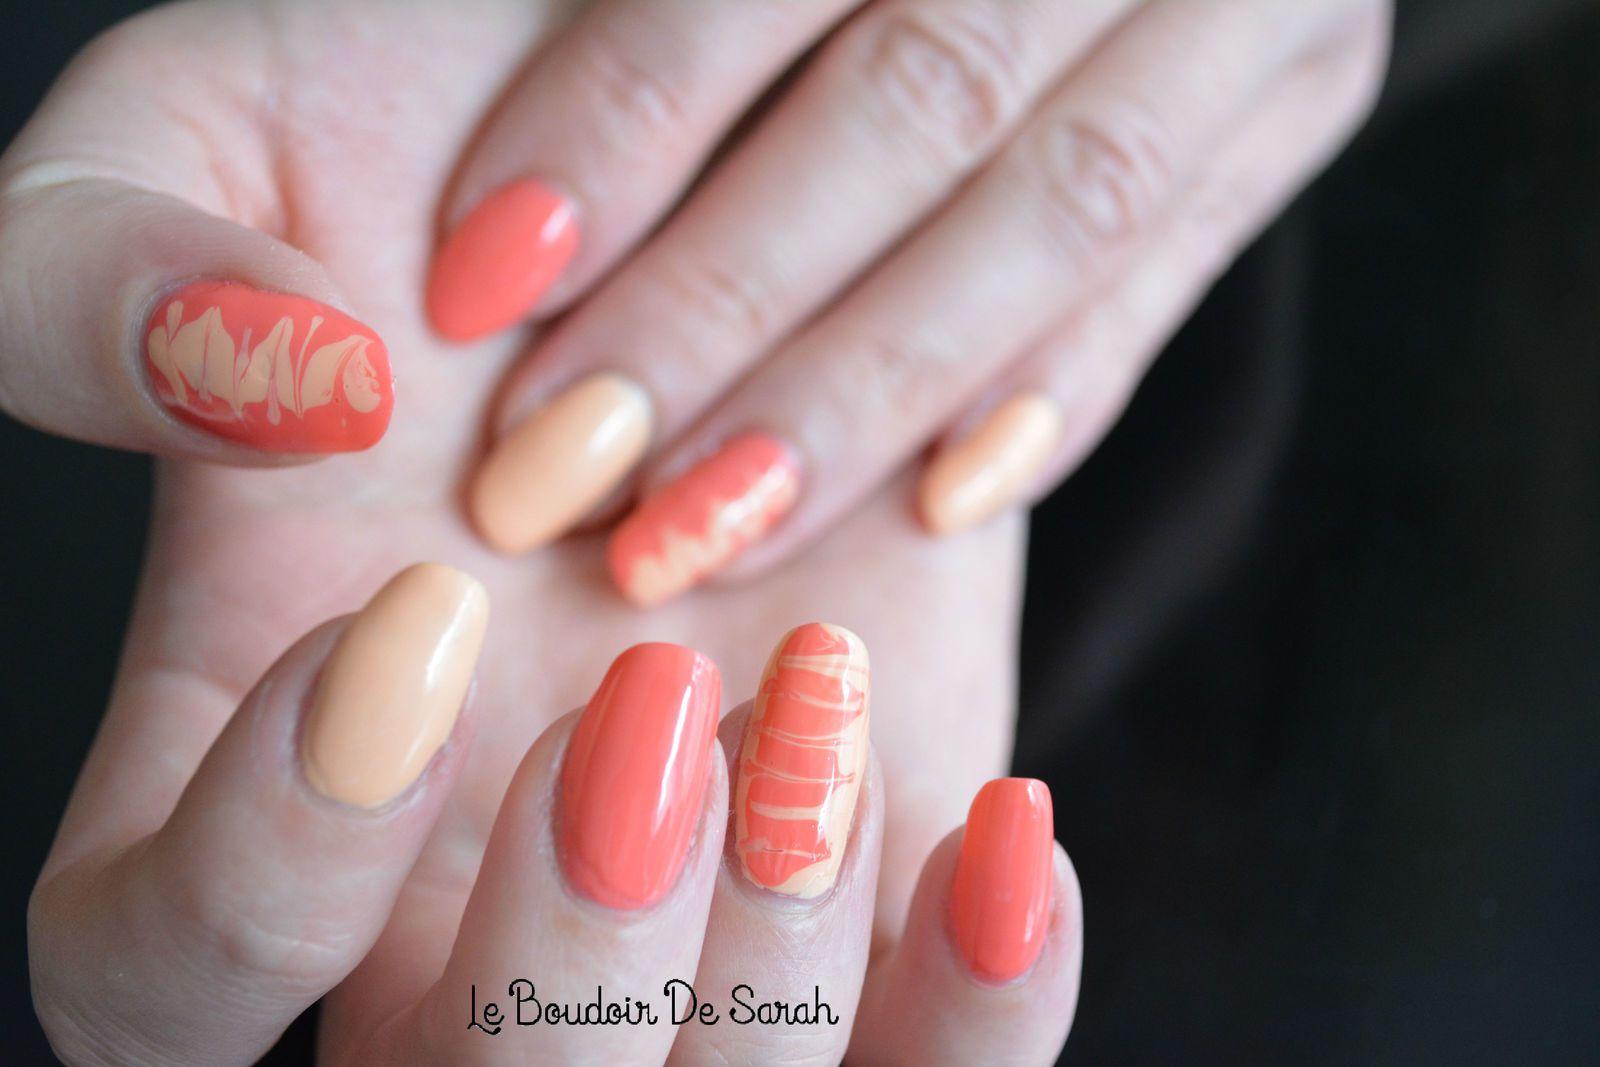 15 Jours/15 Nail Art - Jour 9: Technique du Millefeuilles